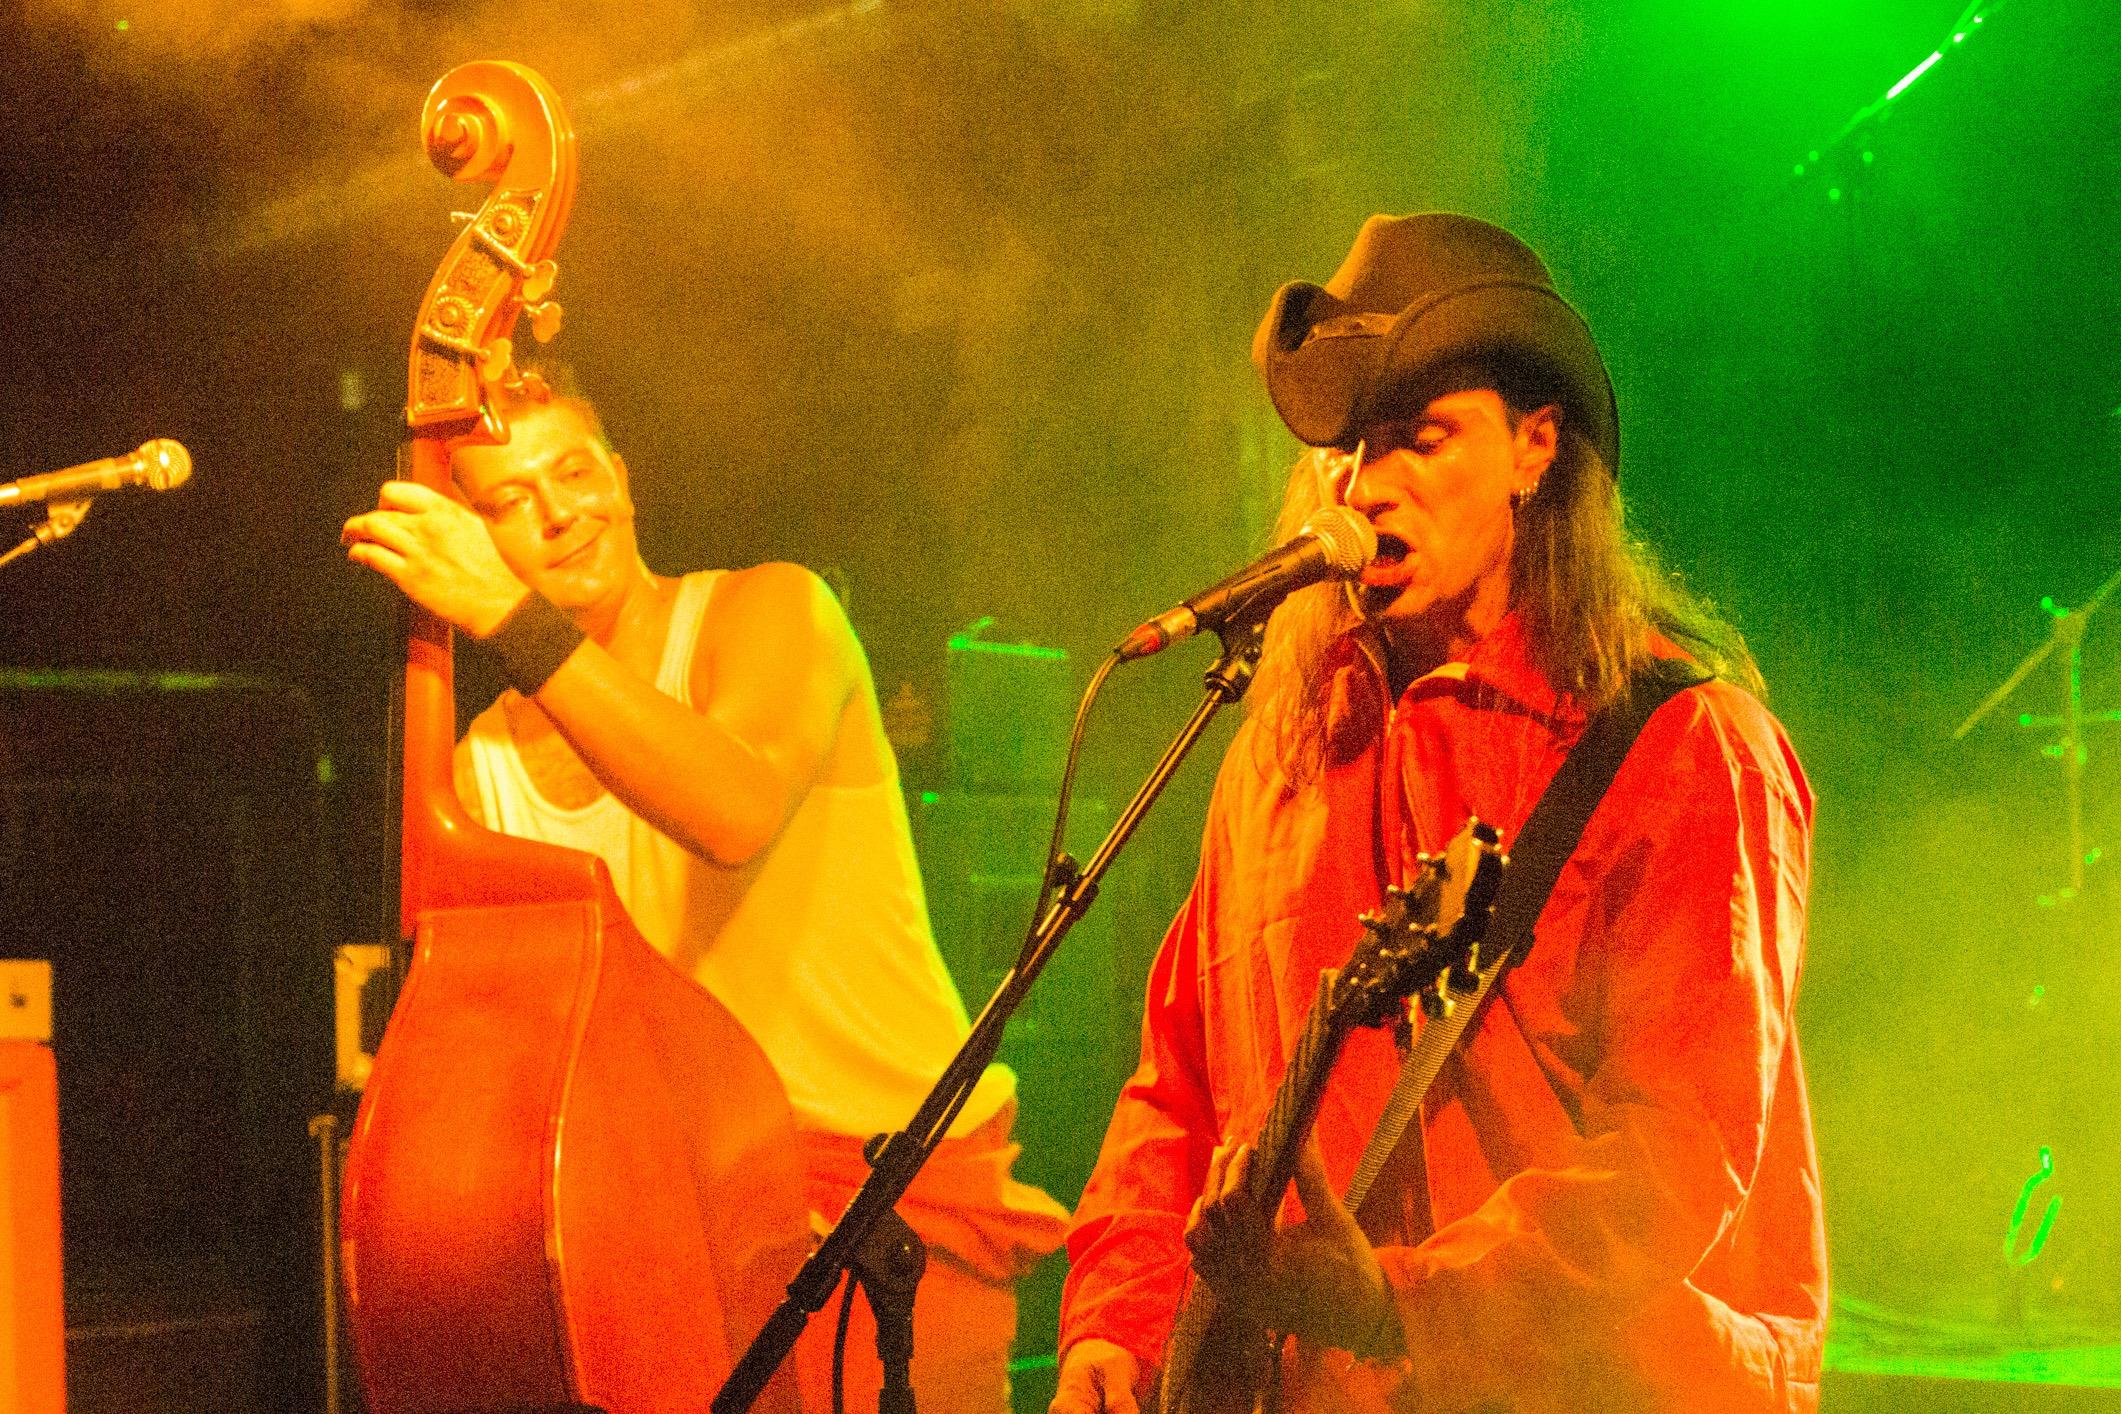 Les NRV (punkabilly, Genève) en concert à l'Undertown de Meyrin, 19 septembre 2015